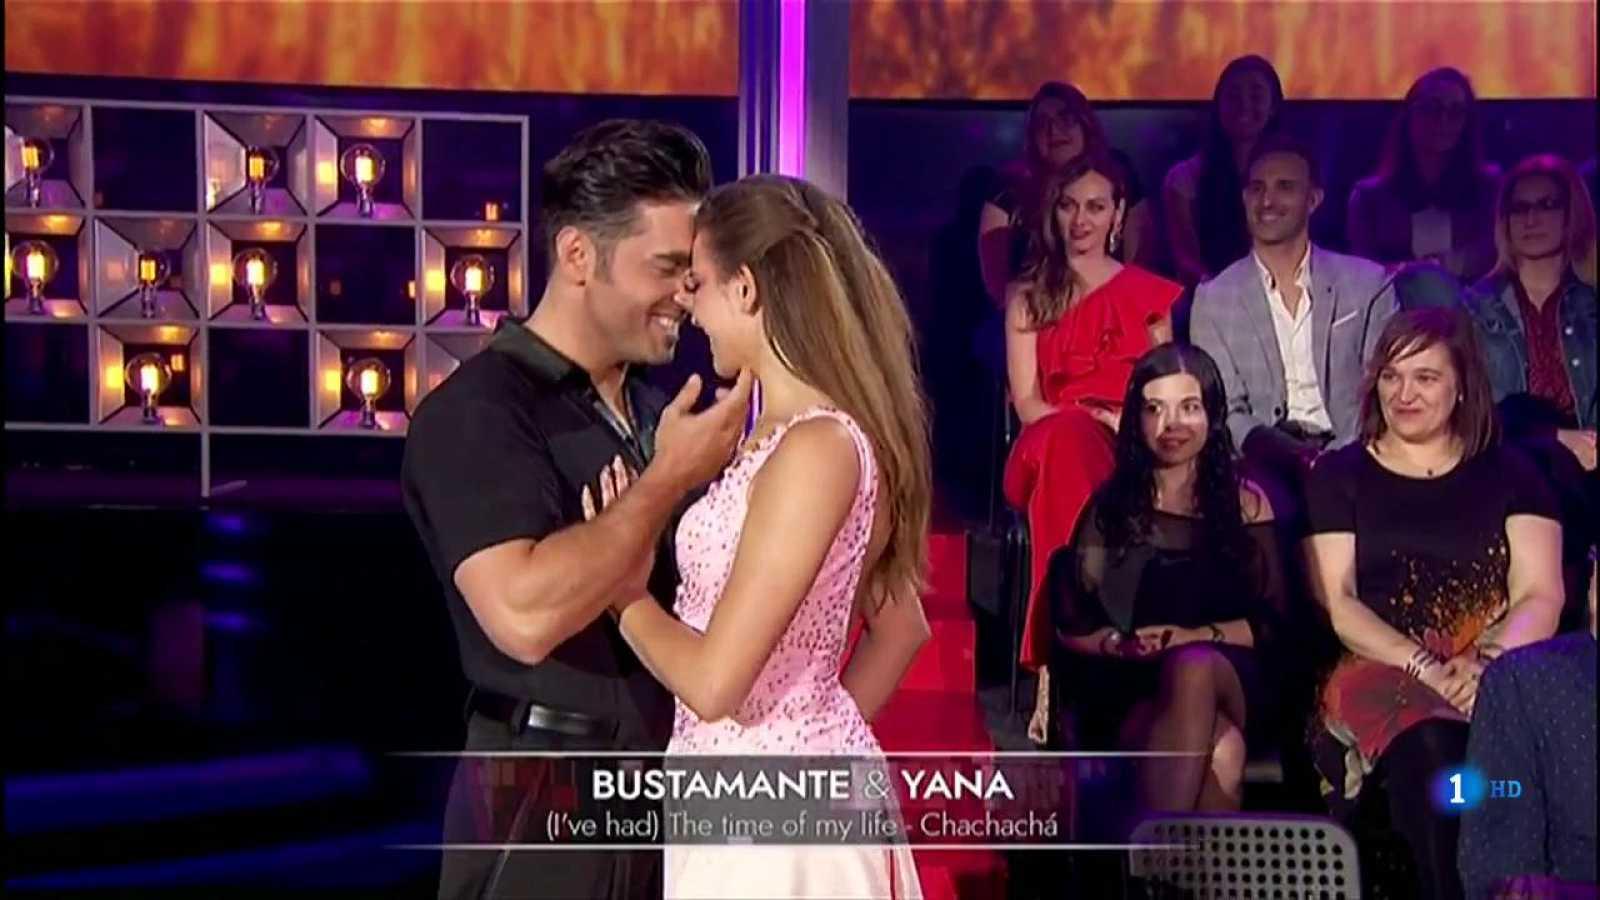 Corazón David Bustamante Y Yana Olina Interpretaron Un Chachachá De Cine